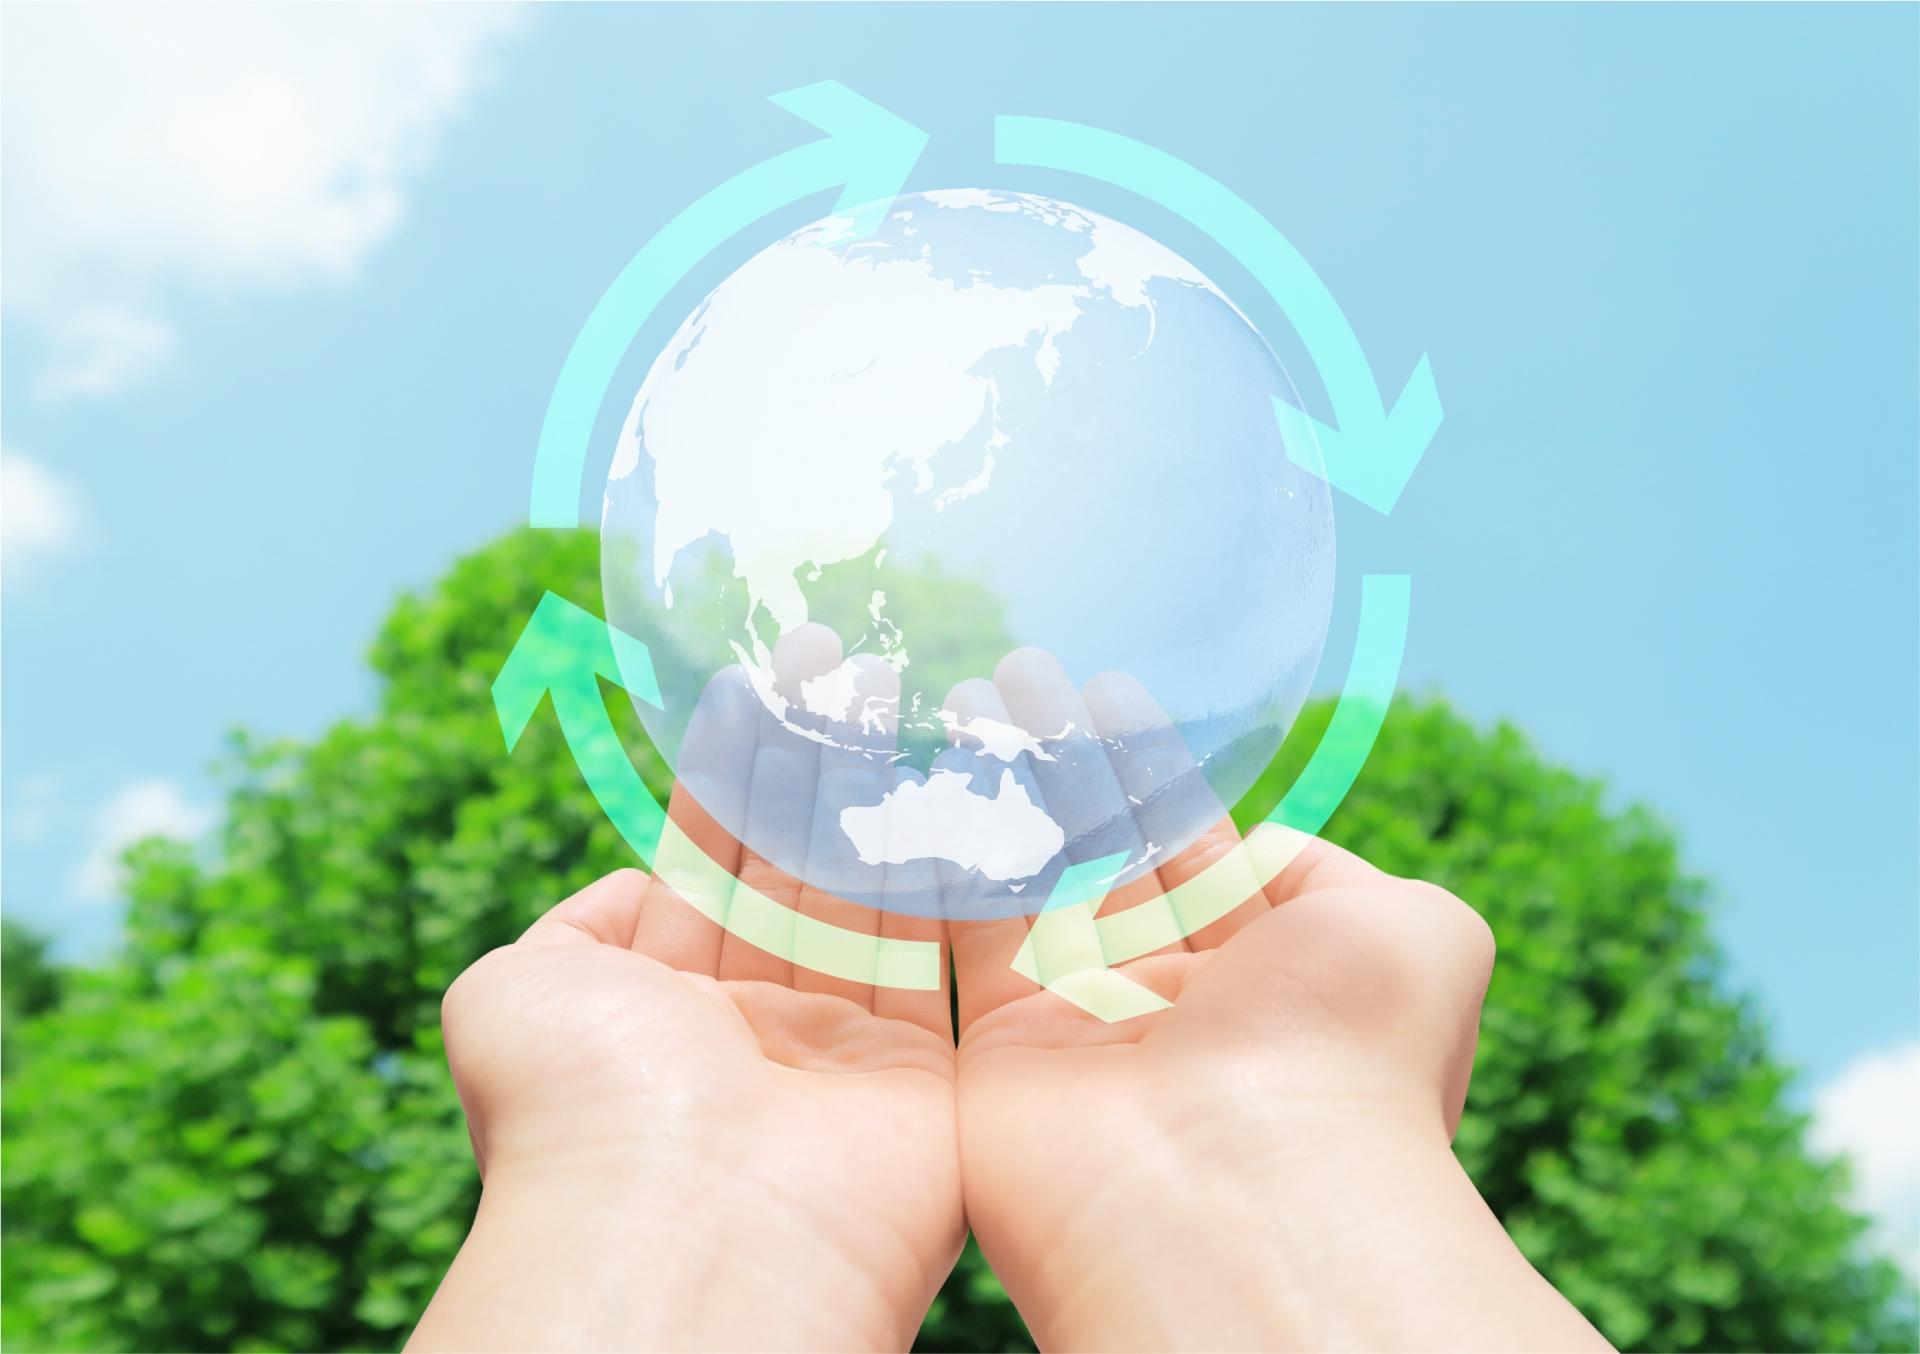 横浜市での家電リサイクル法に基づいた処分方法